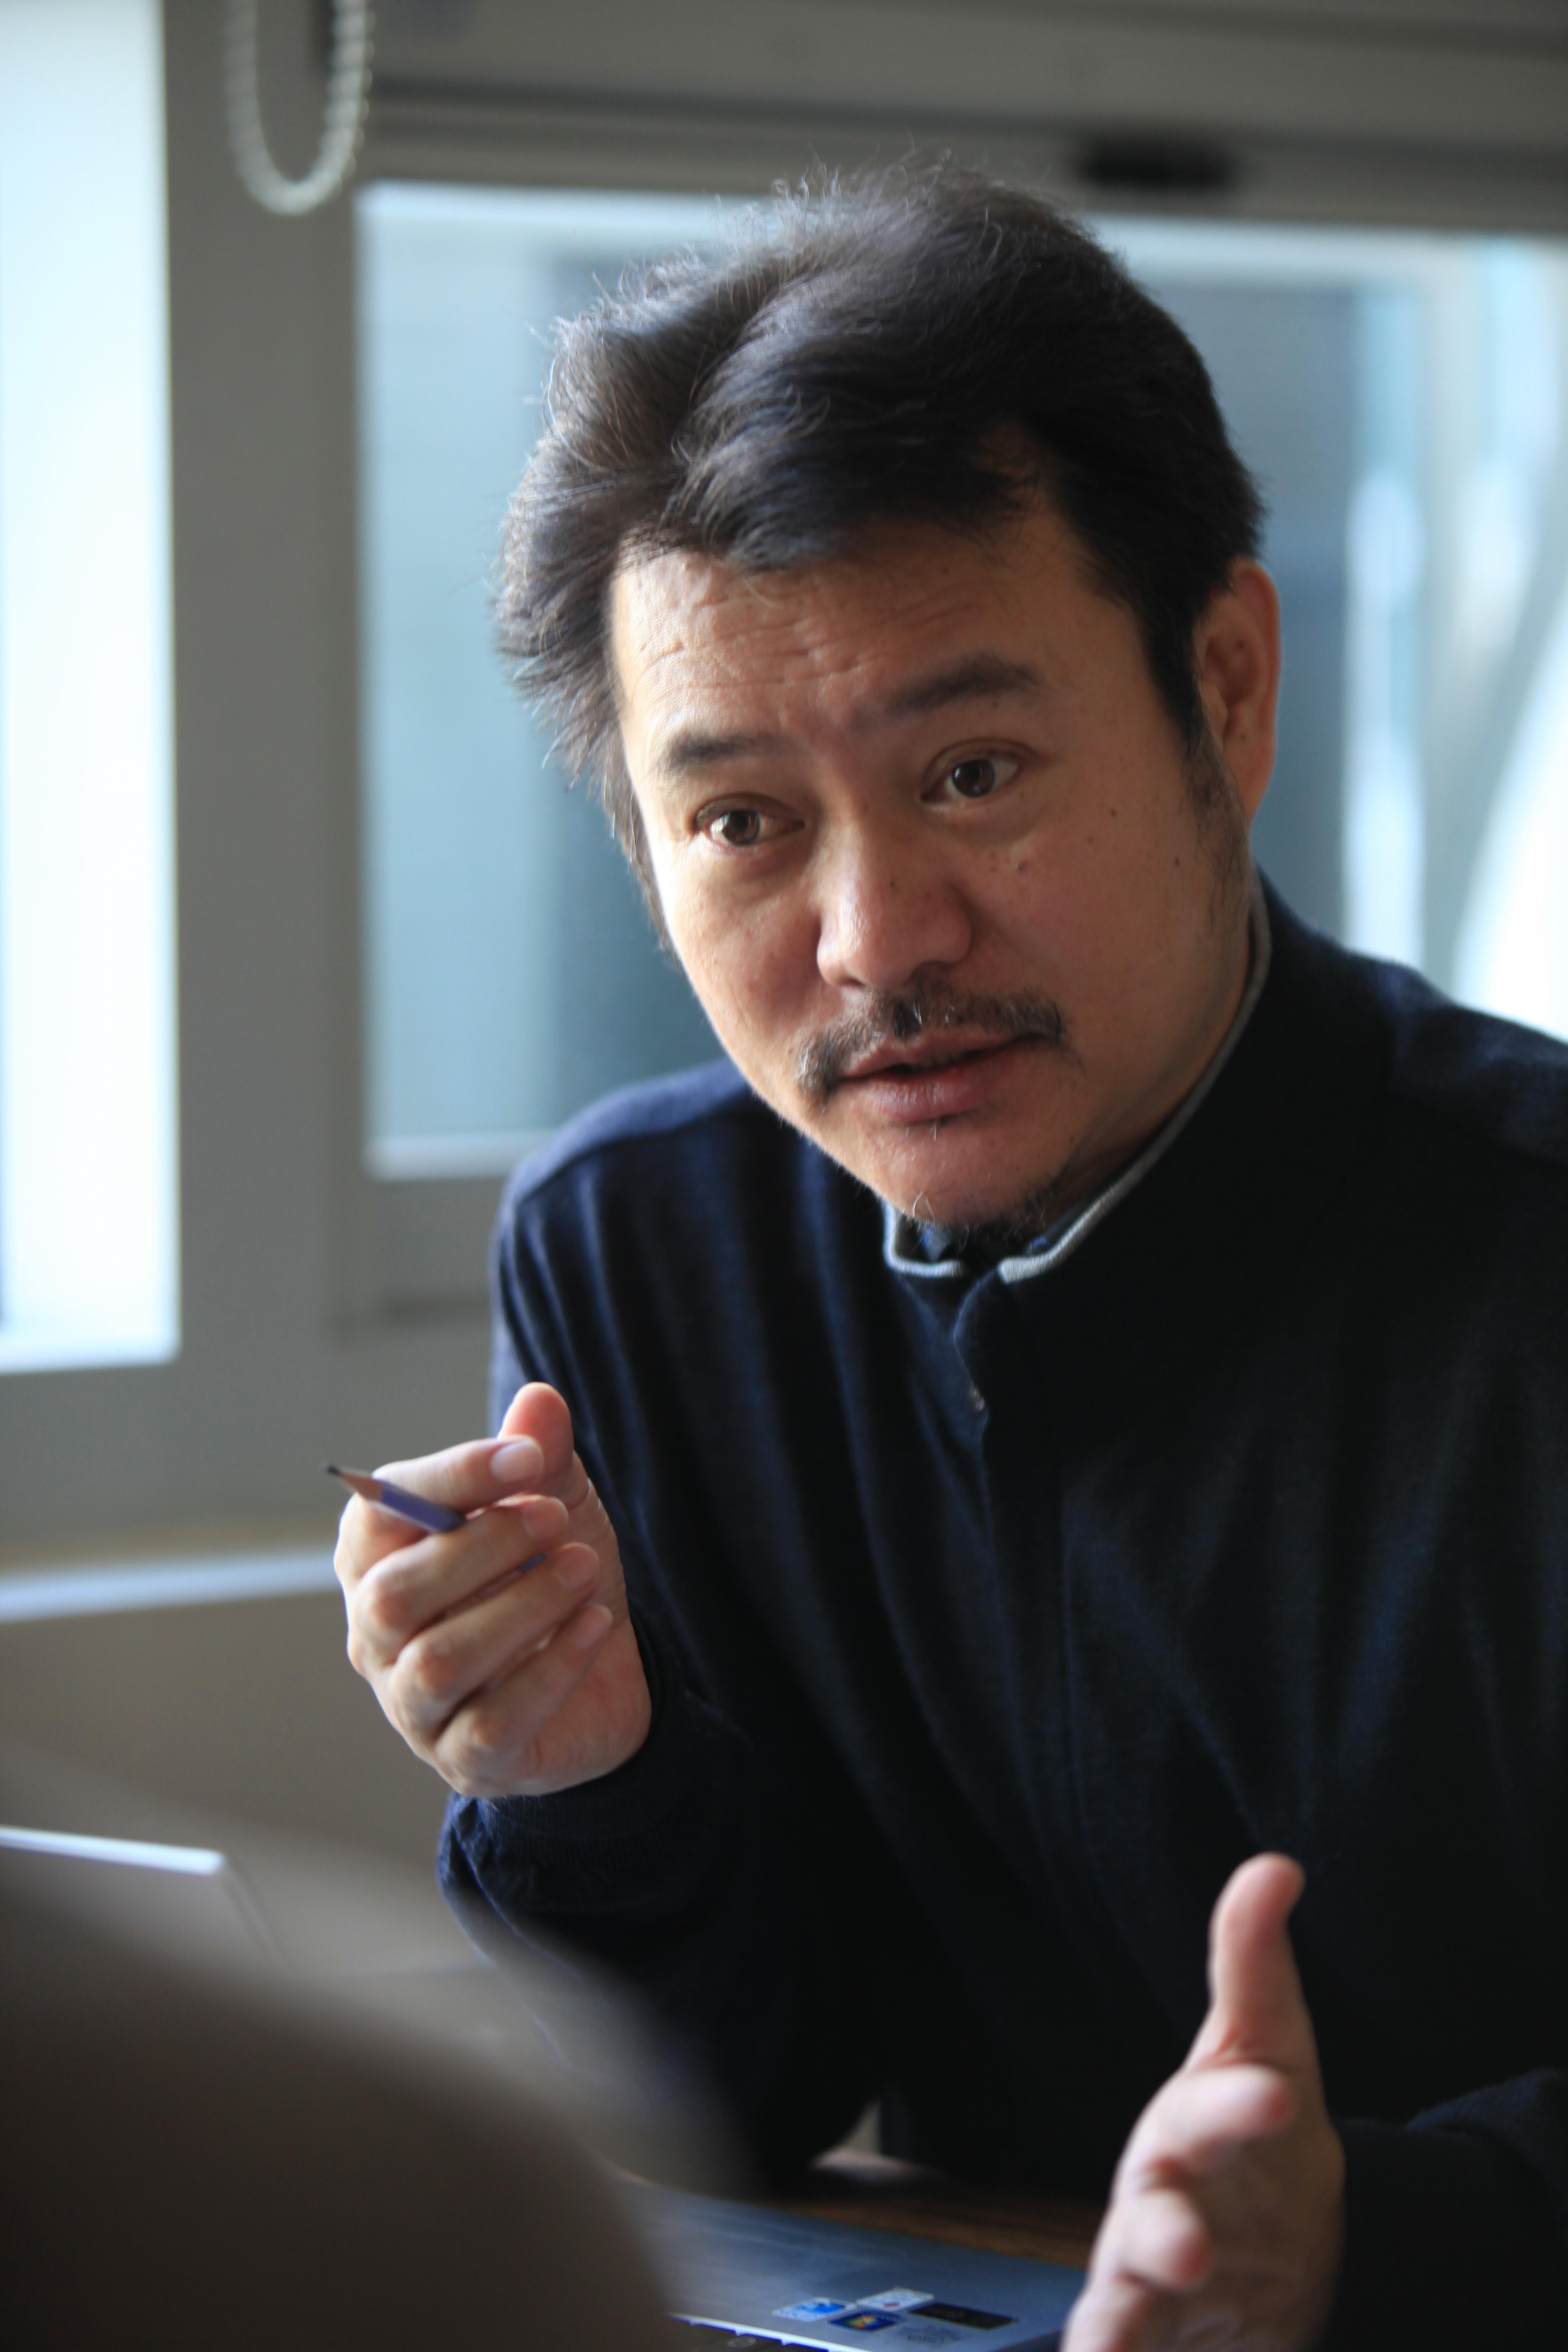 이석만 <불교닷컴> 대표가 최근 조계종단의 '해종언론' 대책 내용을 비판하고 있다.